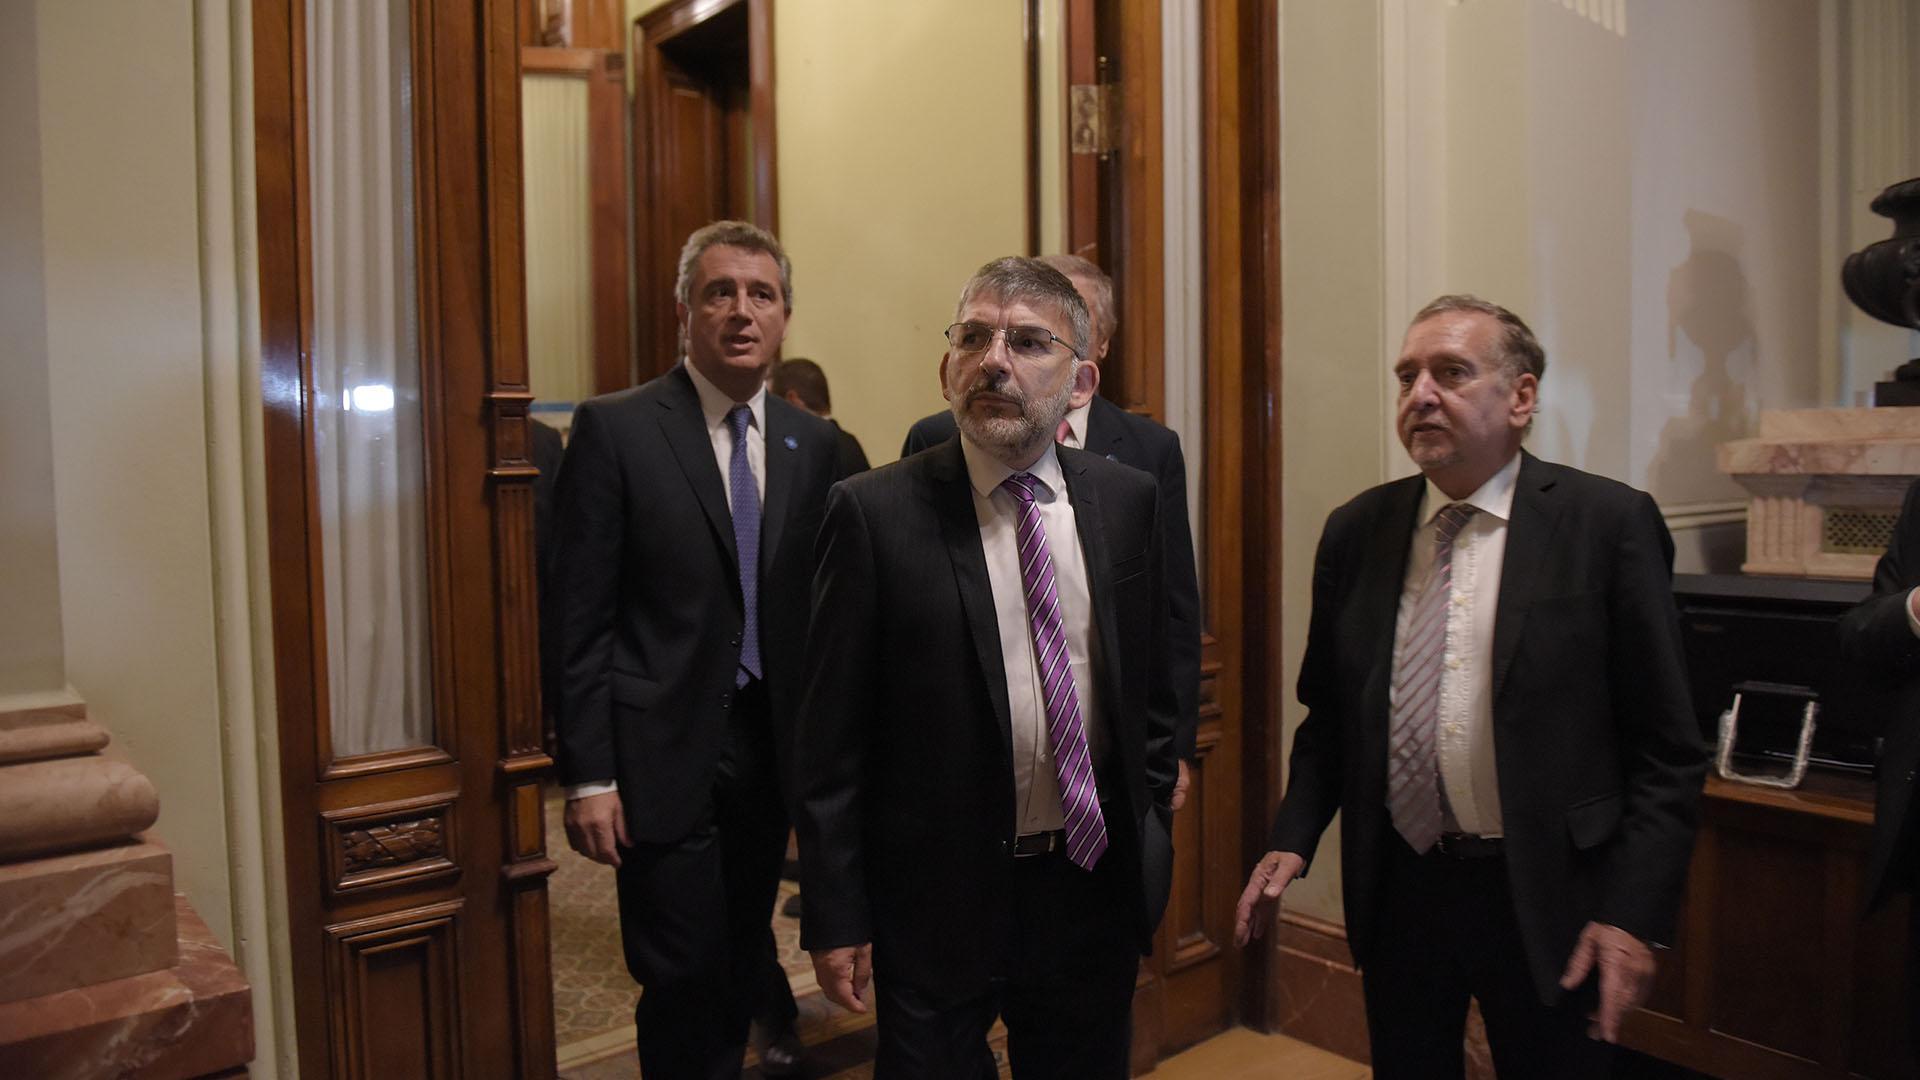 El secretario de Comunicación Pública, Jorge Grecco junto al ministro de Ciencia Lino Barañao; y en el fondo, el ministro de Agroindustria Luis Miguel Etchevehere